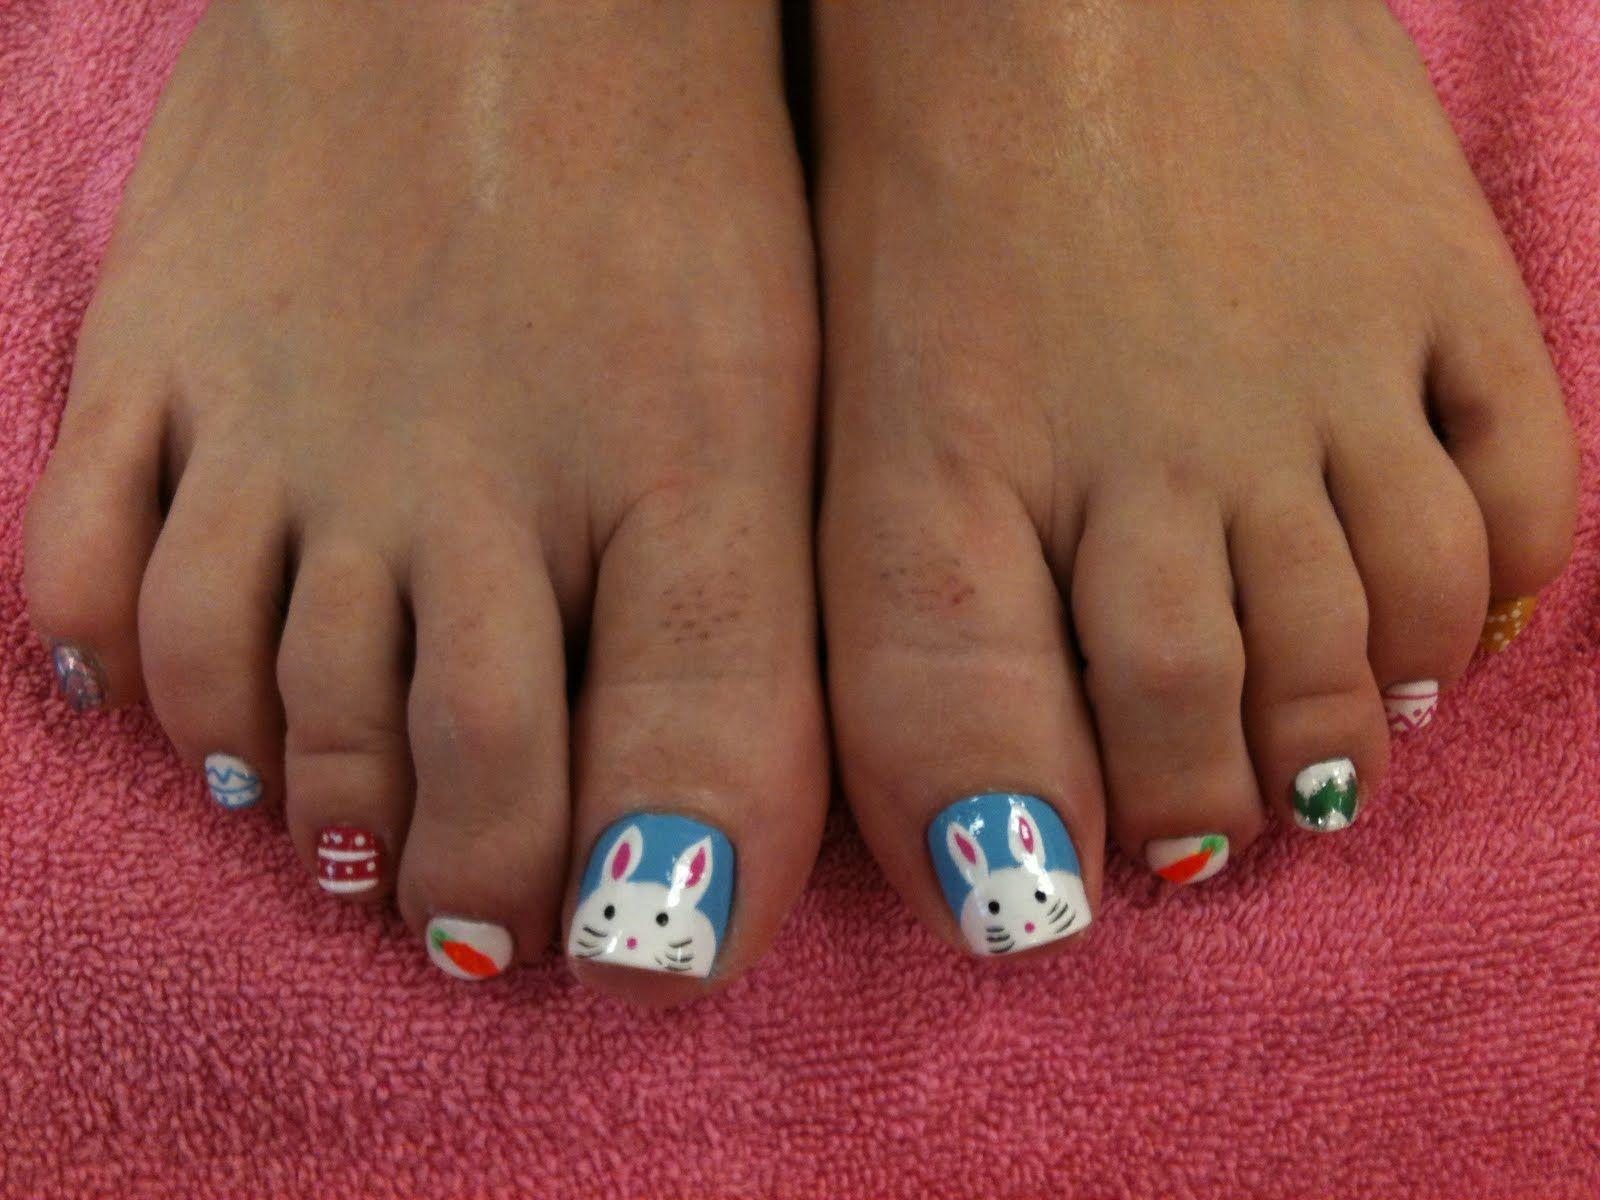 Bunny toe nails | Nails | Pinterest | Make up